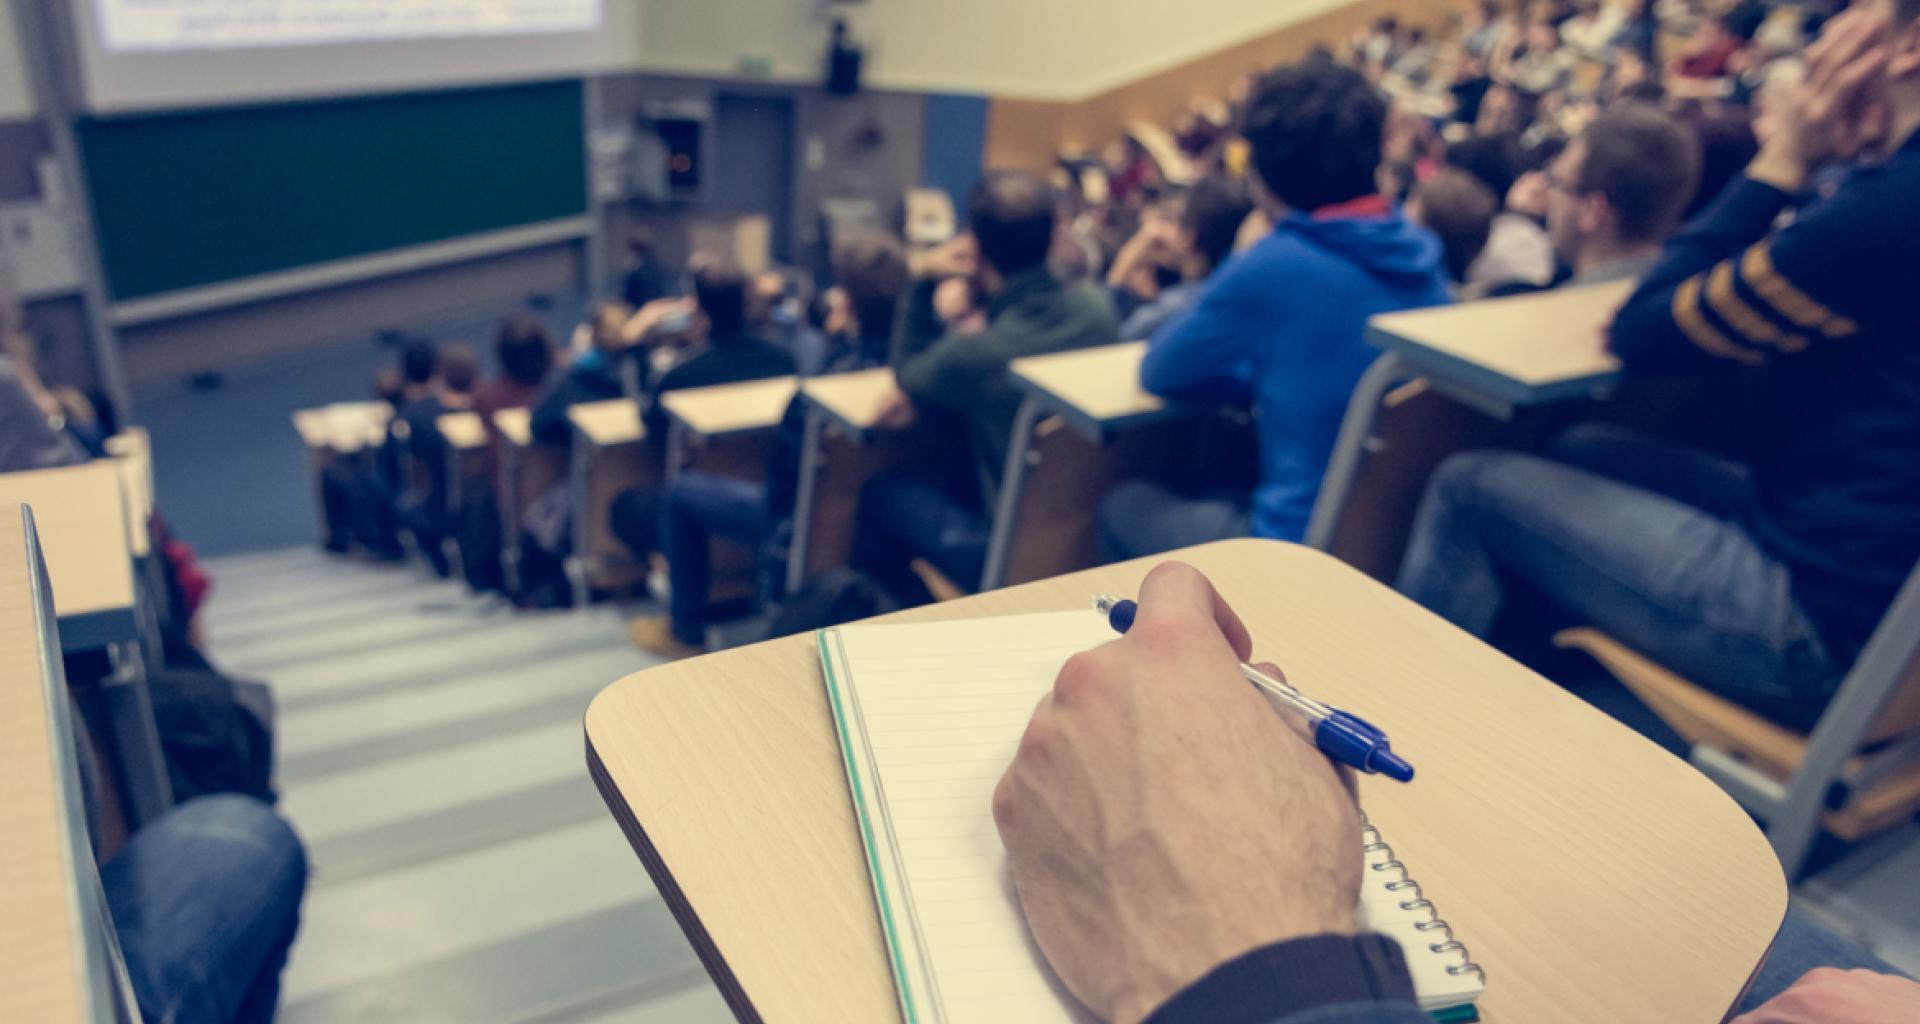 Las universidades madrileñas mantendrán la presencialidad en los exámenes